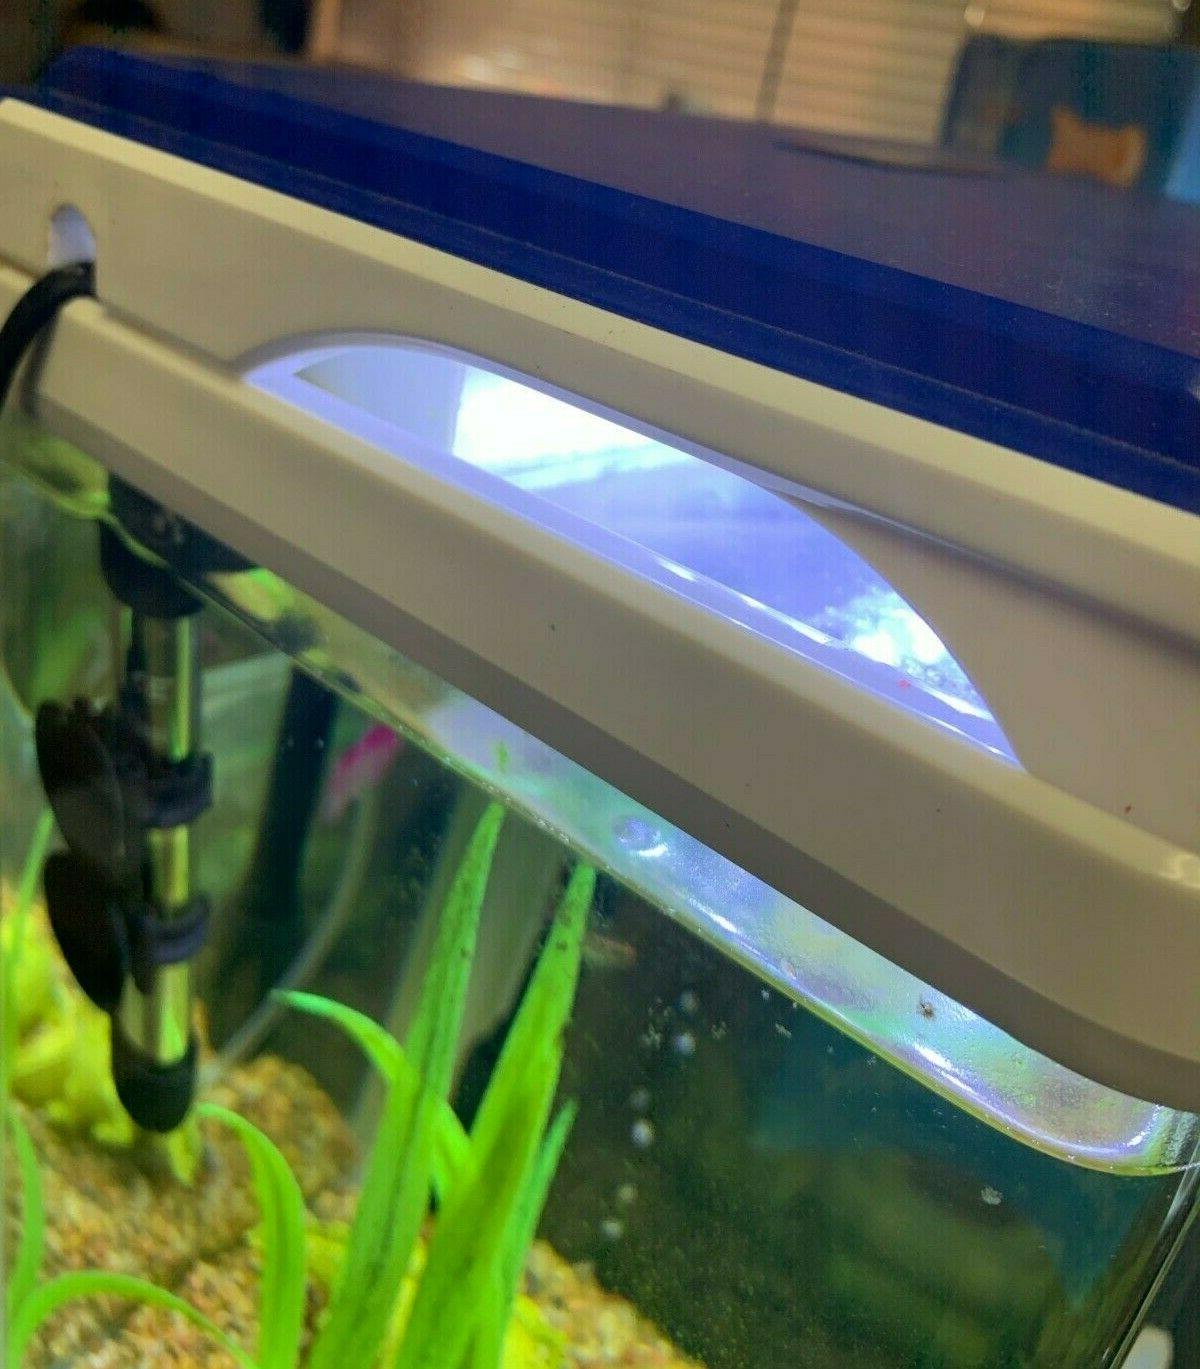 Camry aquarium